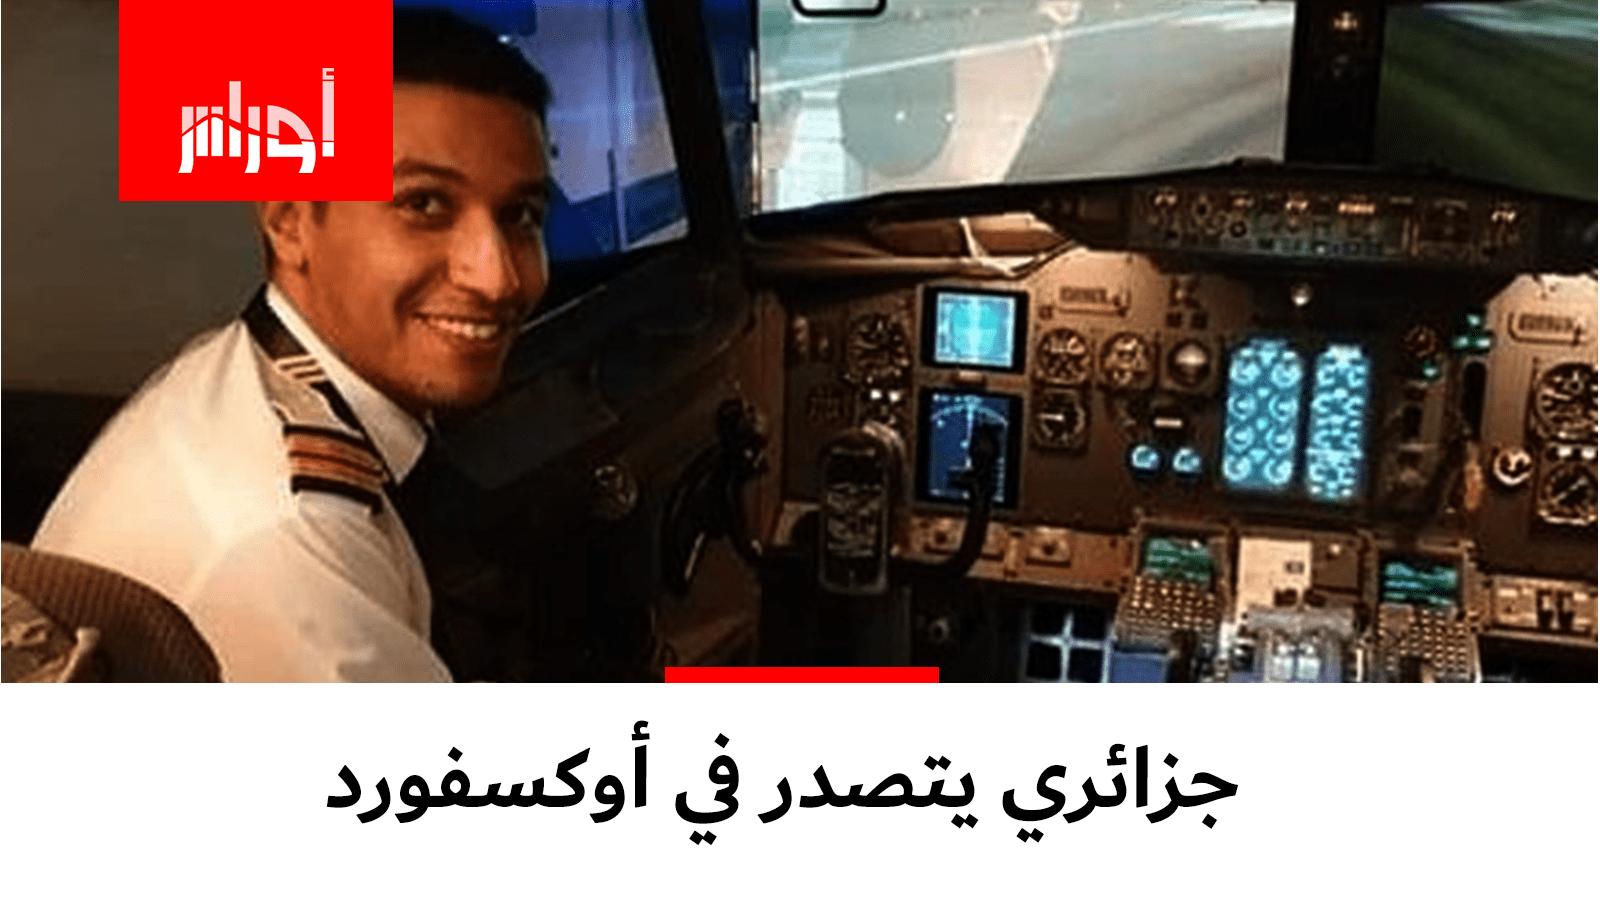 عبد الفتاح.. ابن #الوادي الذي تصدر دفعة الطيارين في #أوكسفورد